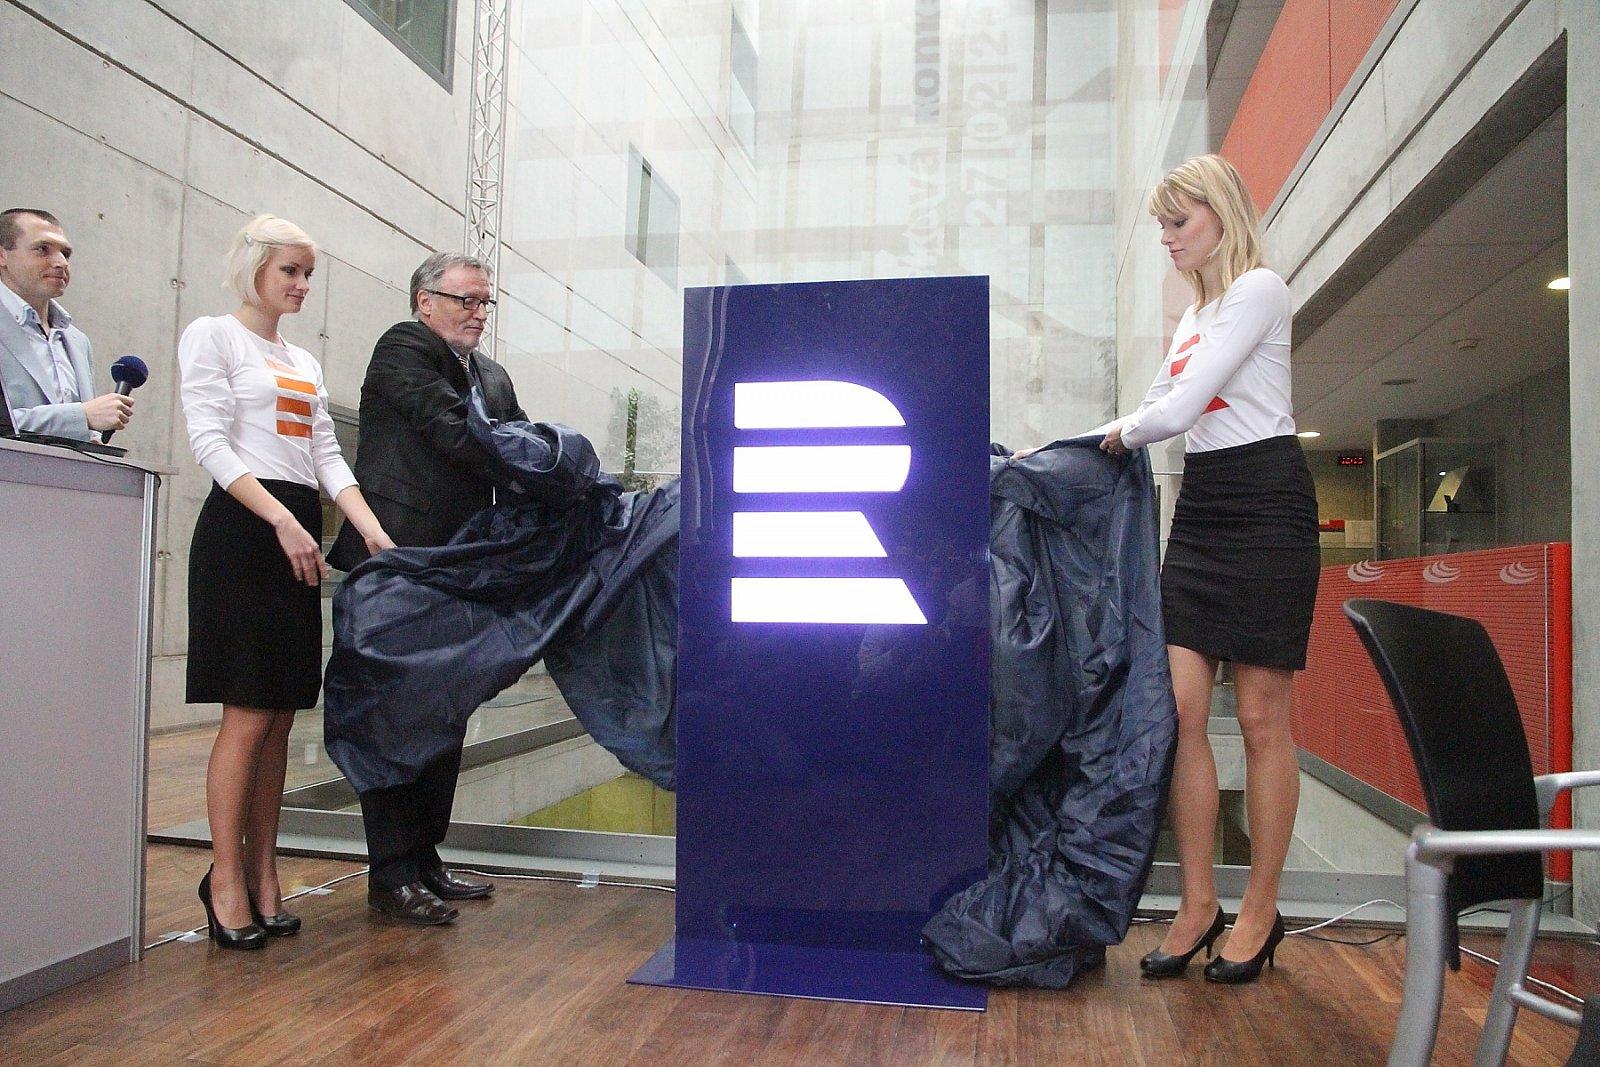 Jak Český rozhlas představoval svoje nové logo a identitu